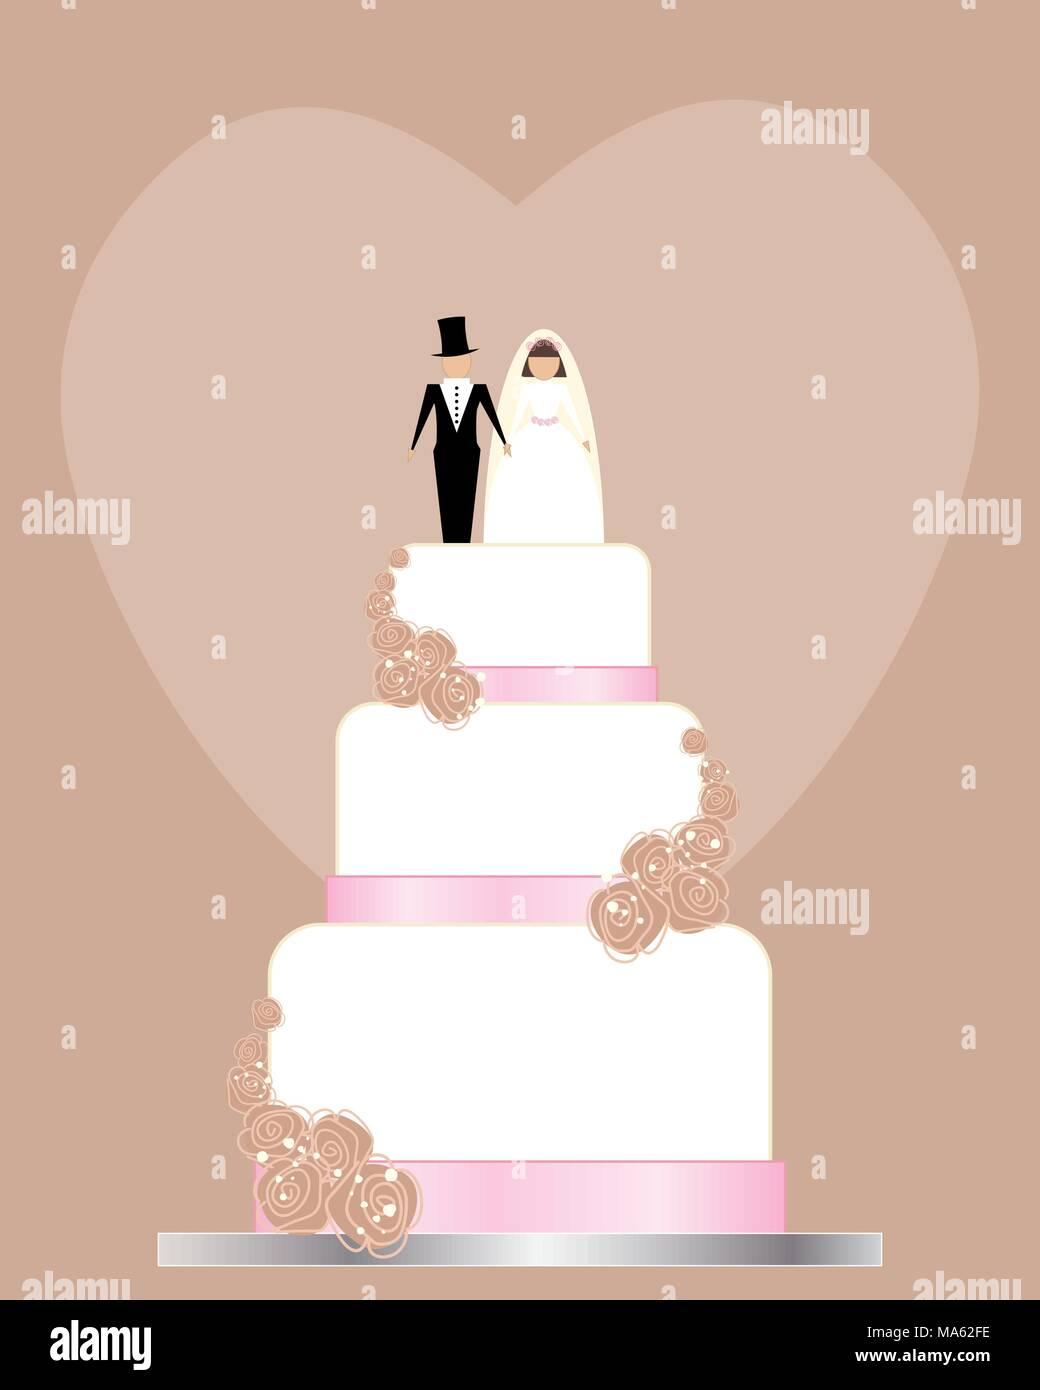 Una illustrazione vettoriale in formato eps formato 10 tradizionale di un invito a nozze in rosa e marrone e bianco con la torta di nozze di rose e la sposa e lo sposo Immagini Stock